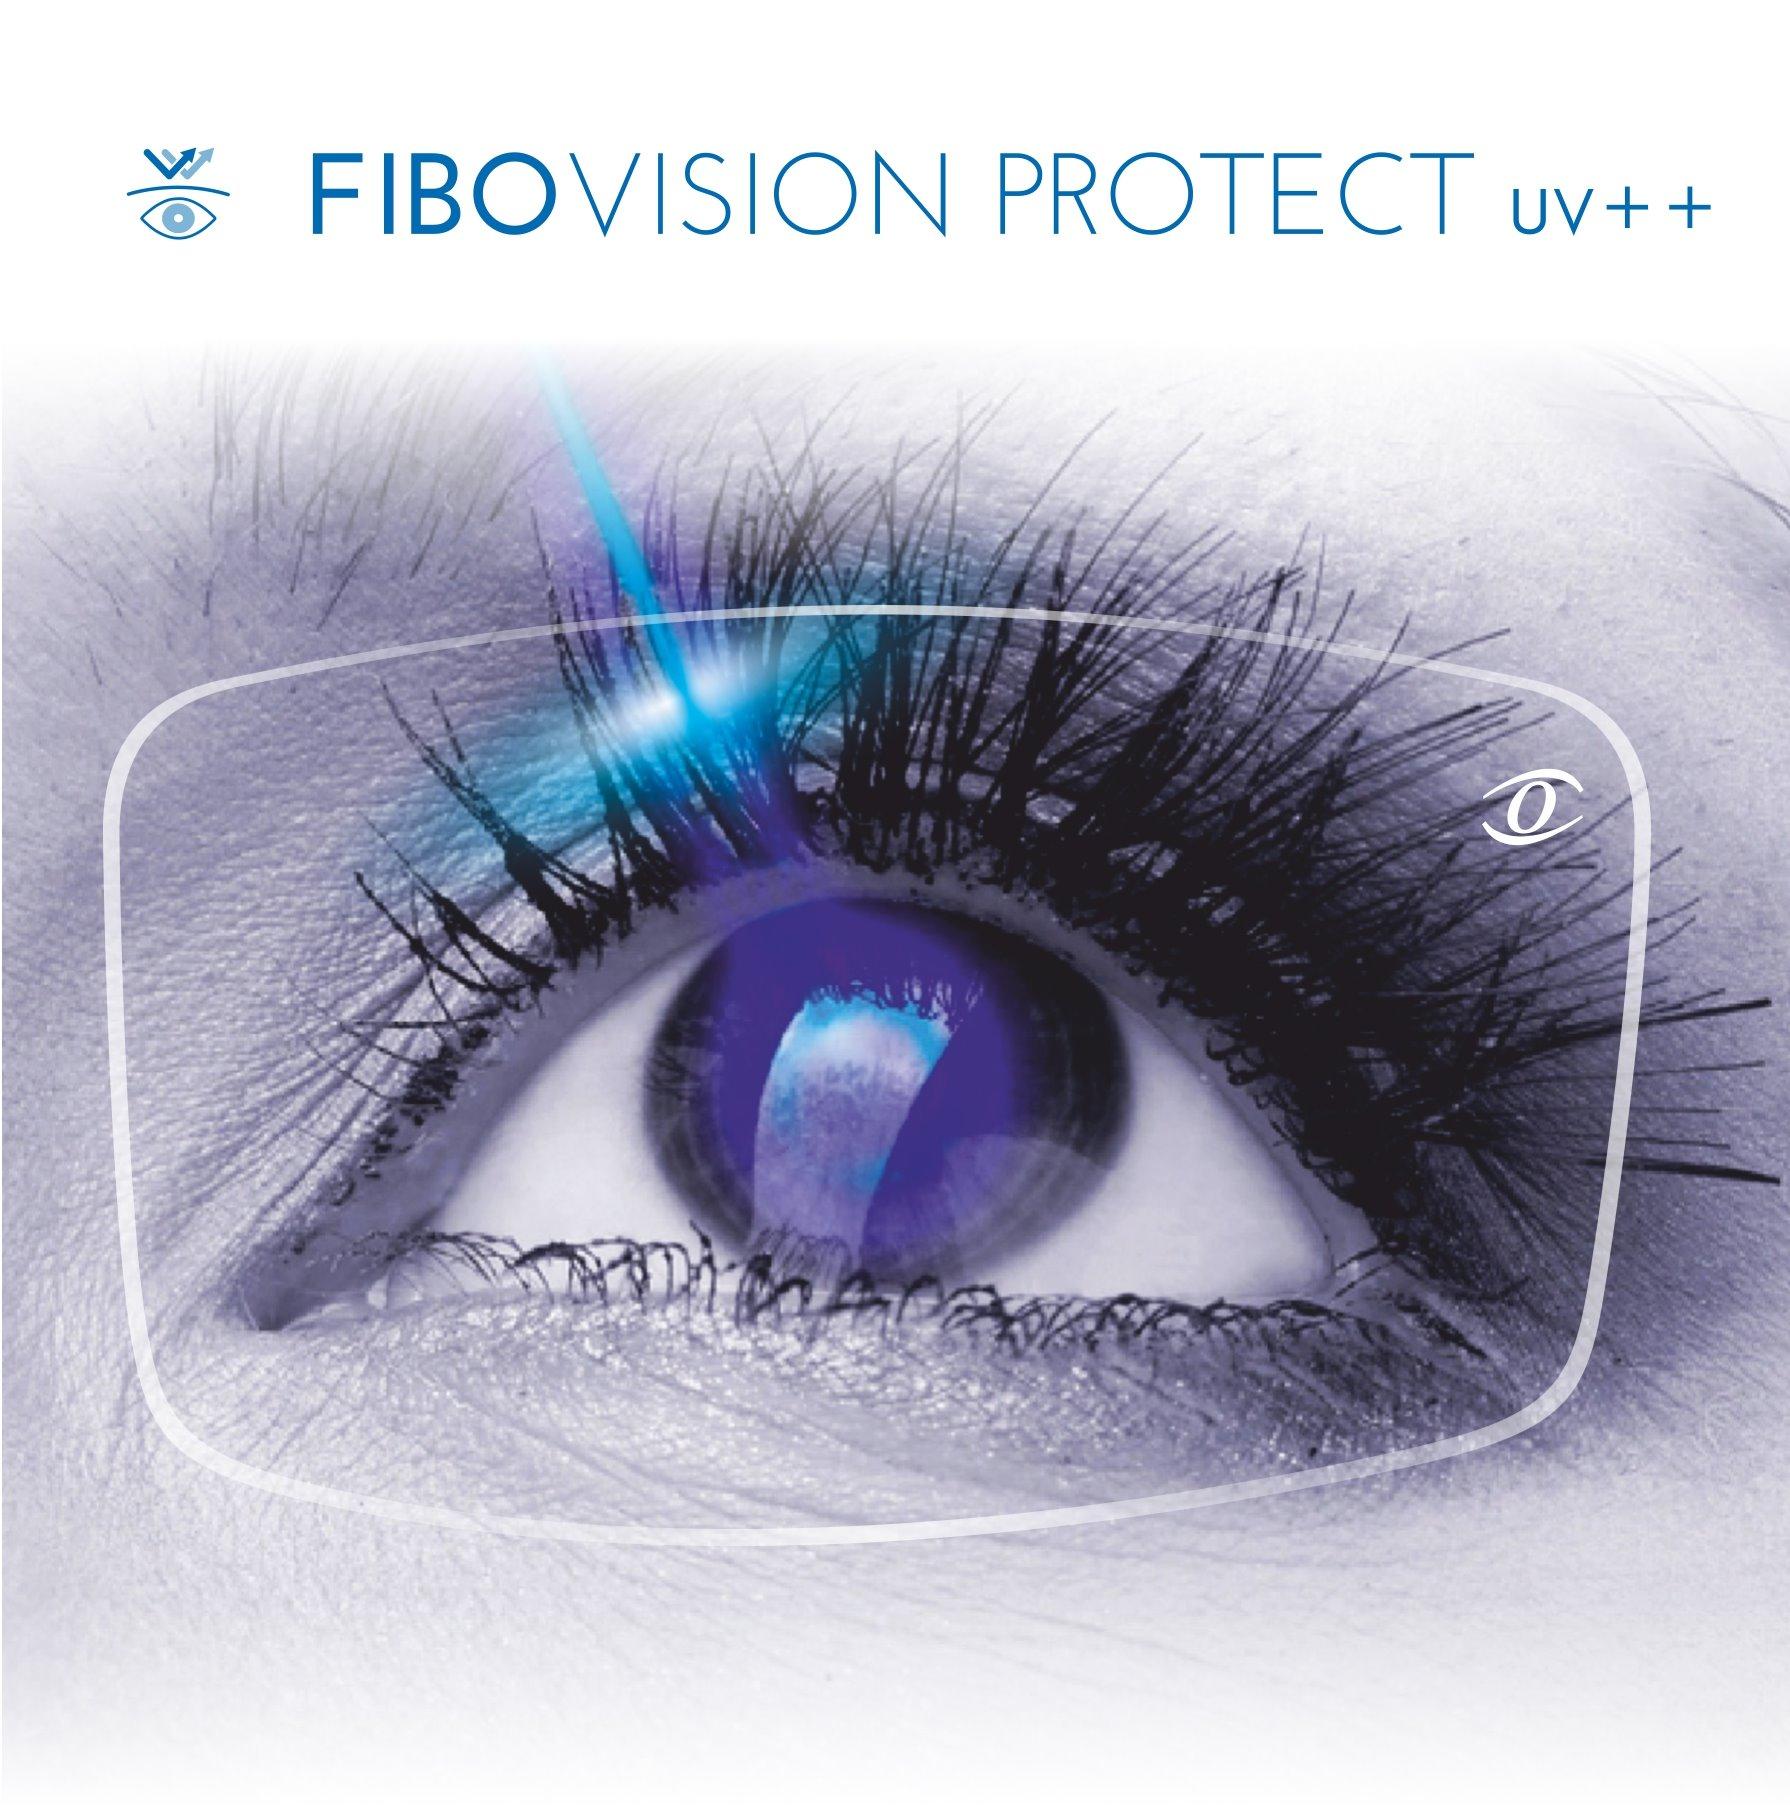 """Imagem da notícia: FIBOVISION PROTECT UV++ """"garante visão apurada"""""""